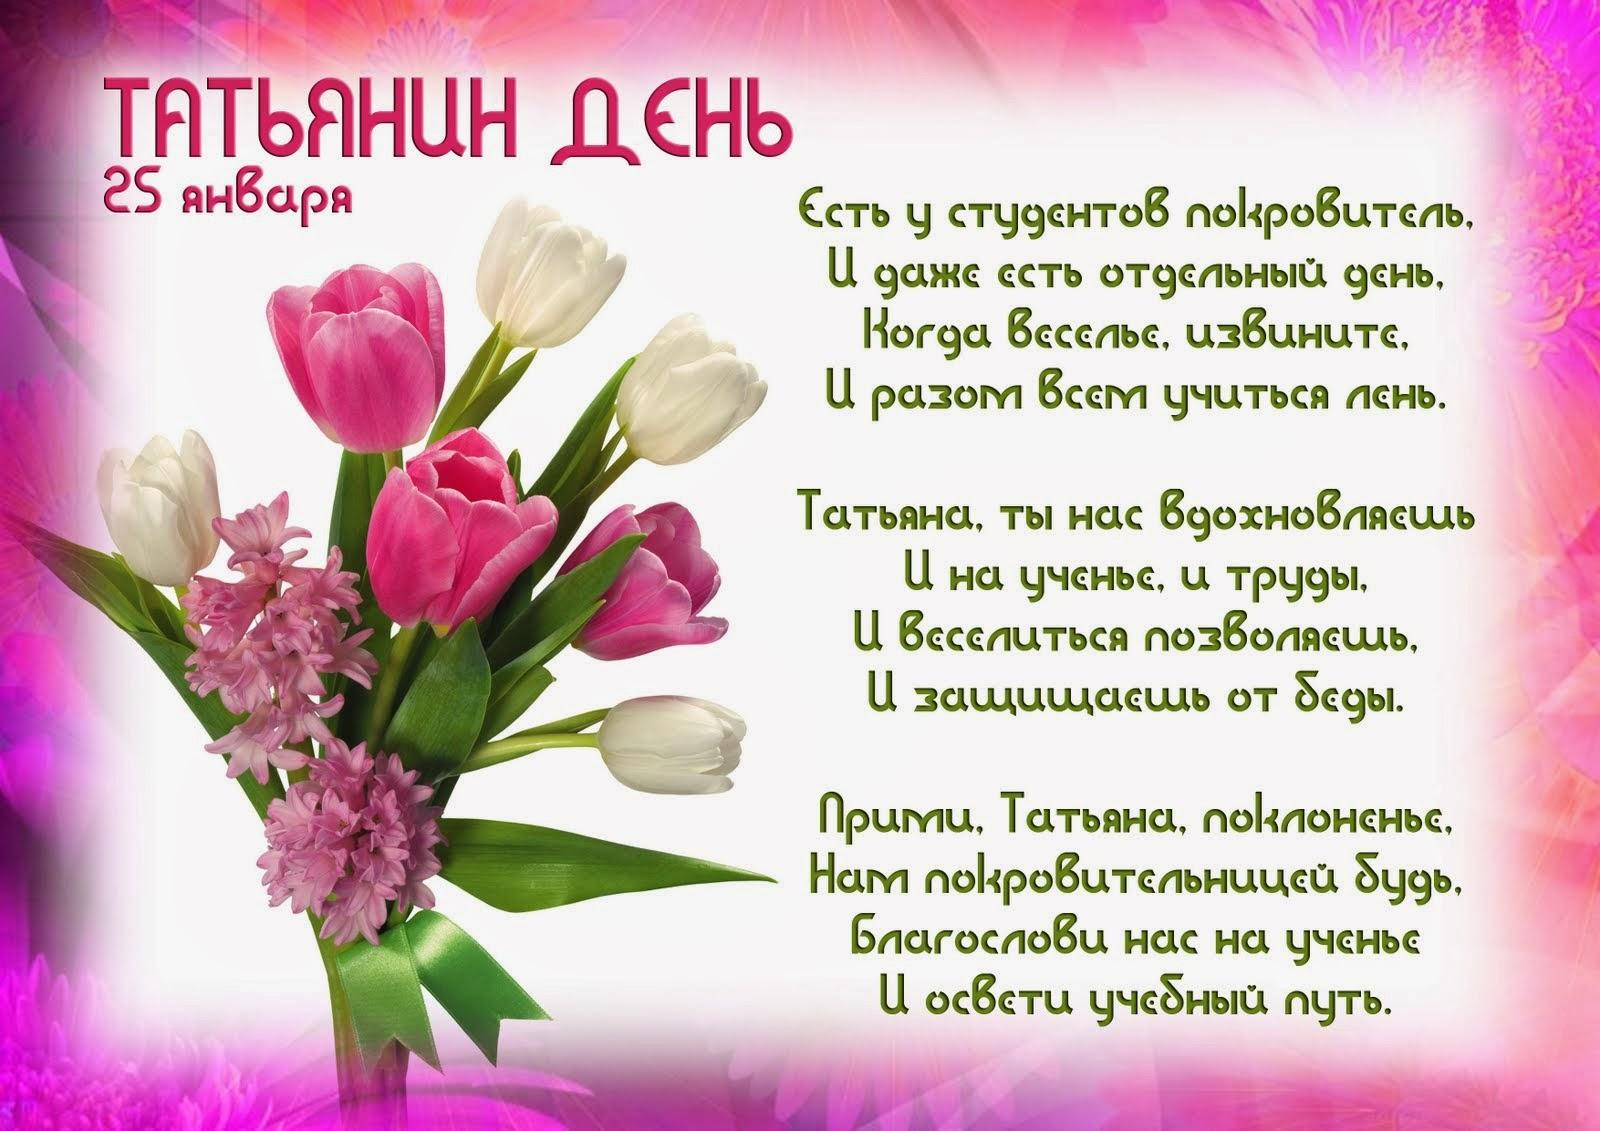 Татьянин день поздравление и открытках